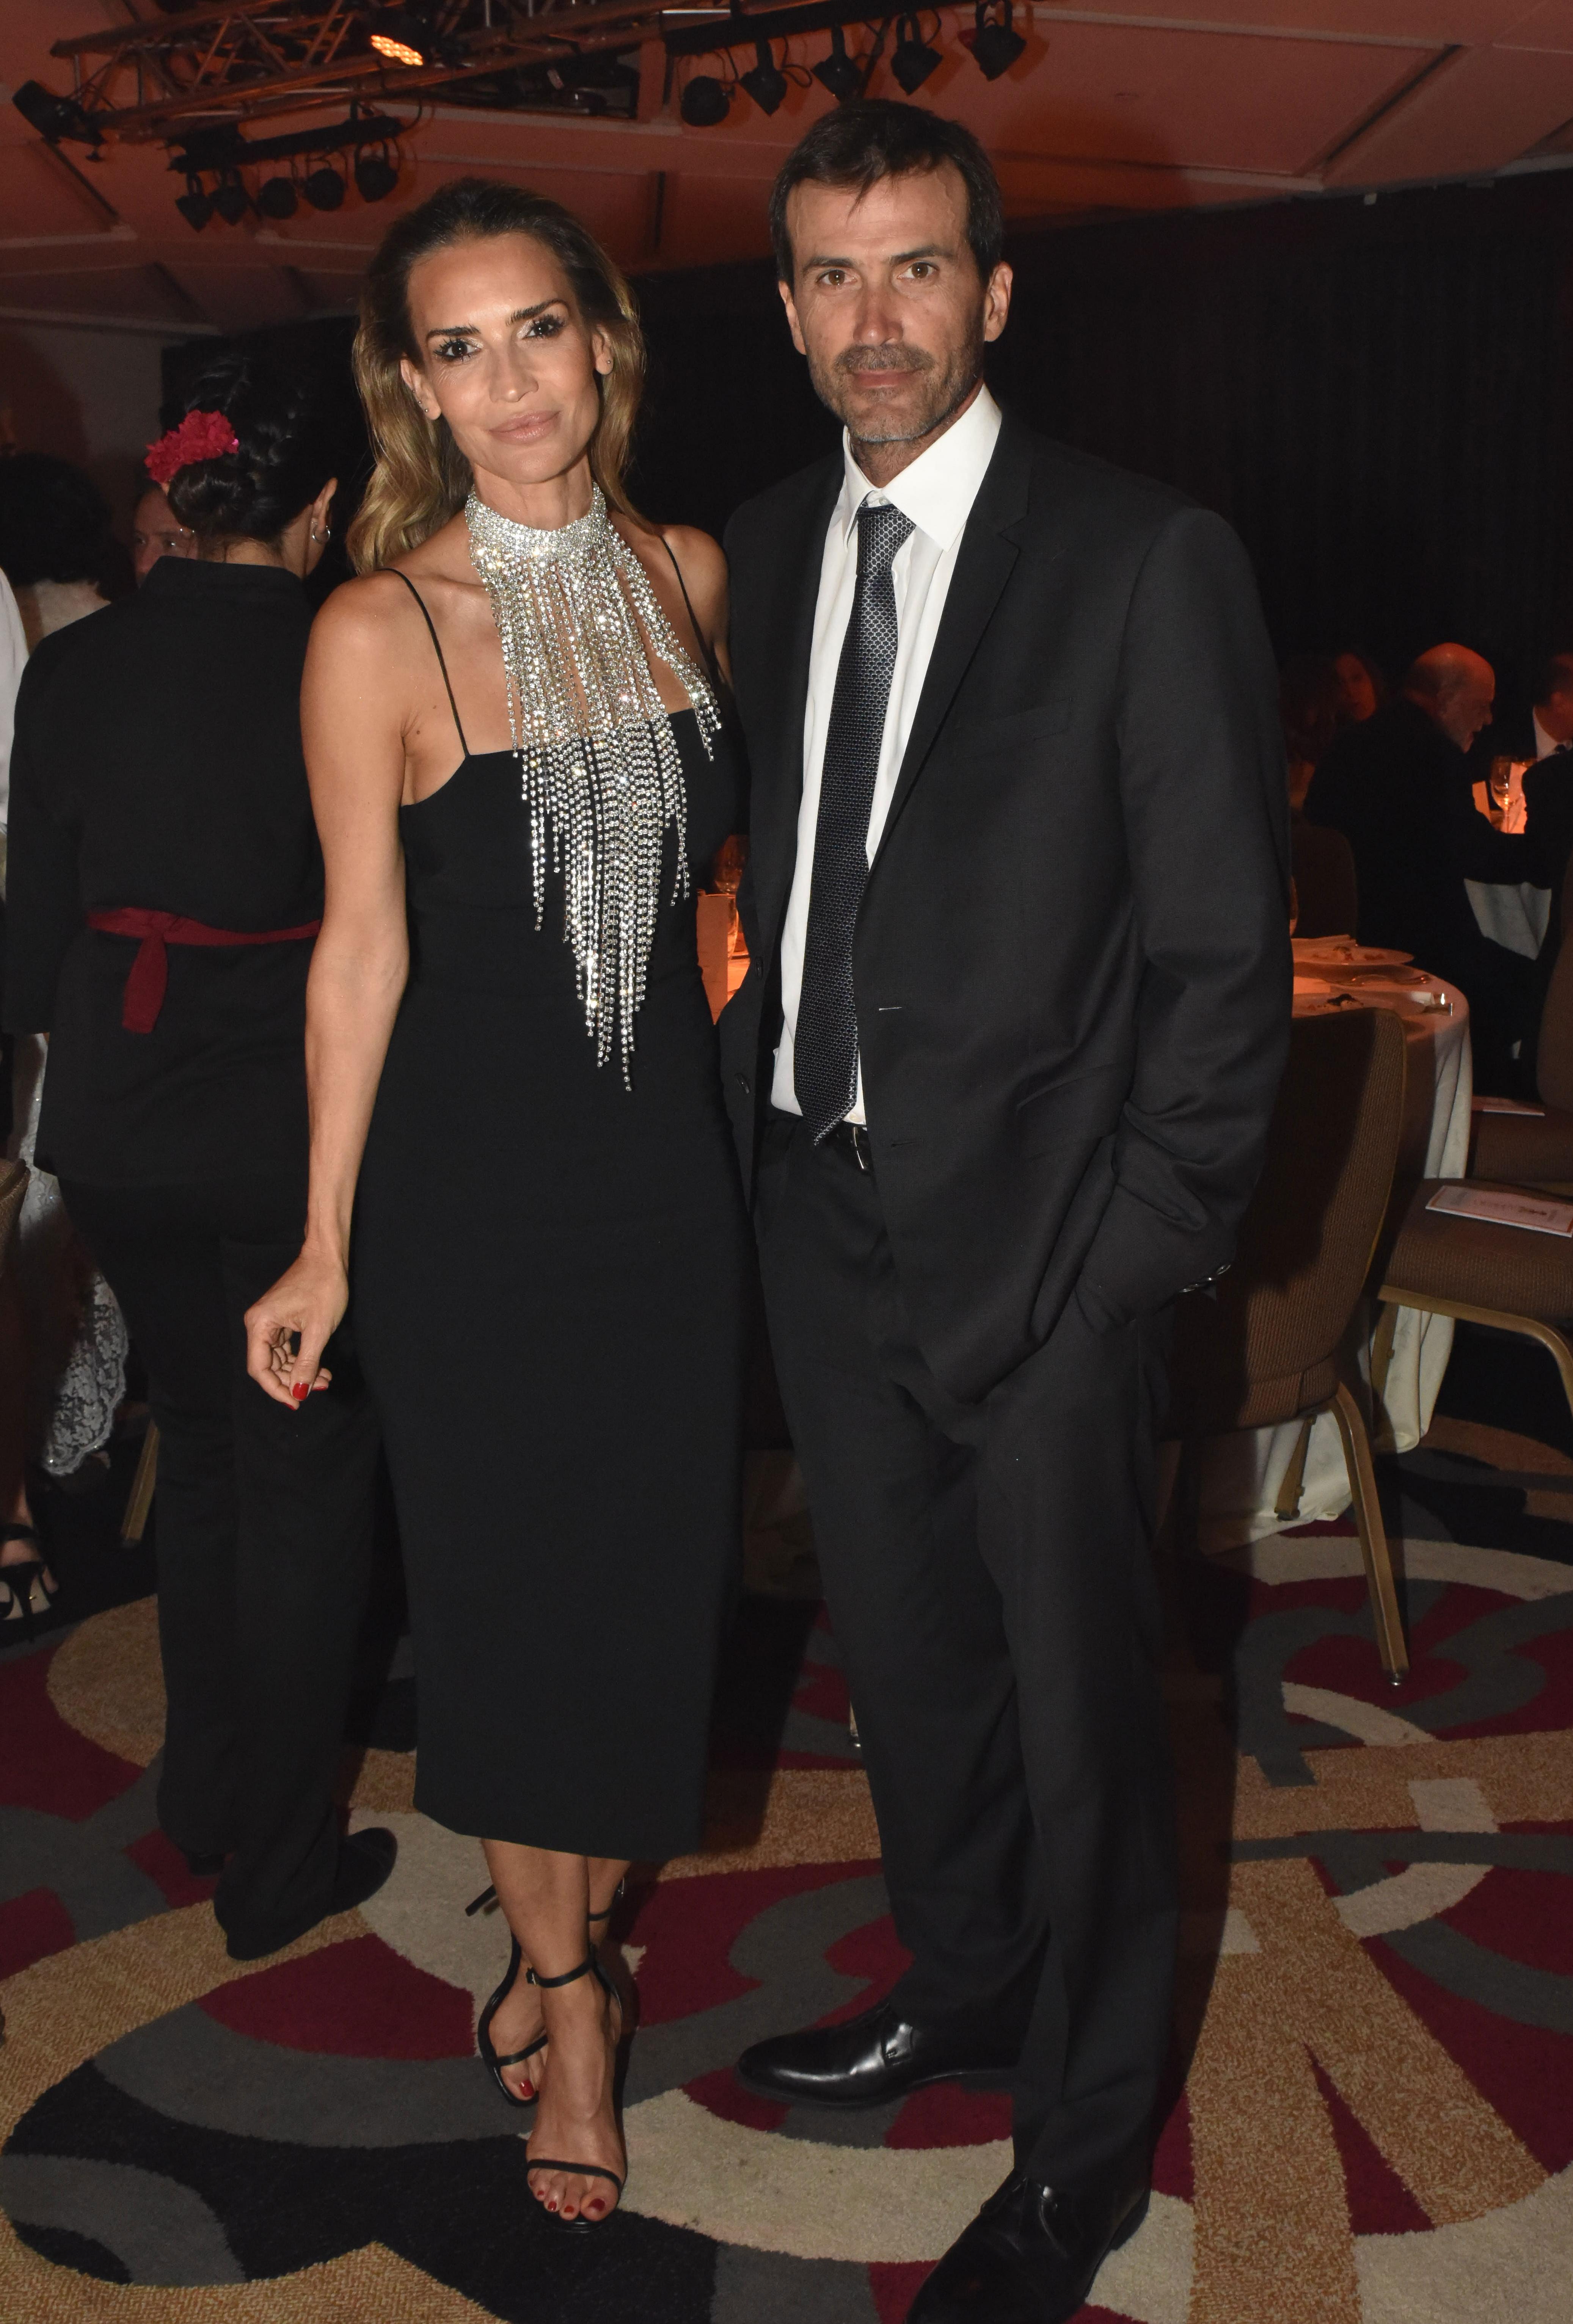 María Vázquez y Adolfo Cambiaso, embajadores de DISFAM Argentina